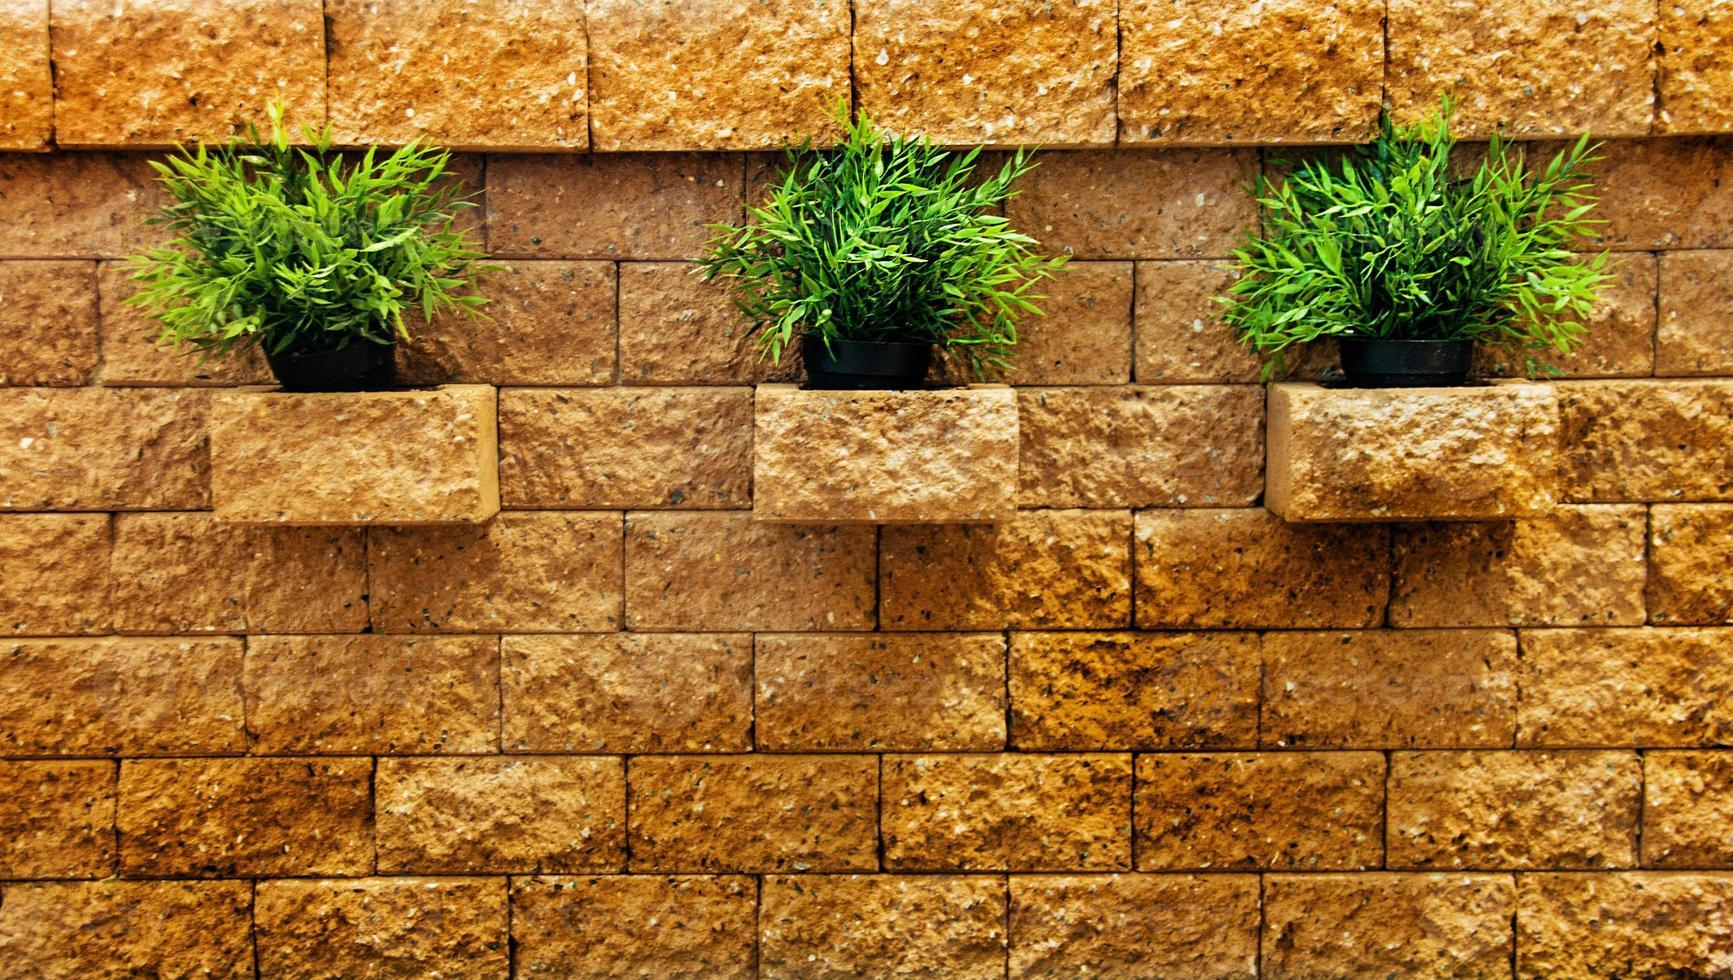 Tres matas de hierba verde en la pared de ladrillo foto